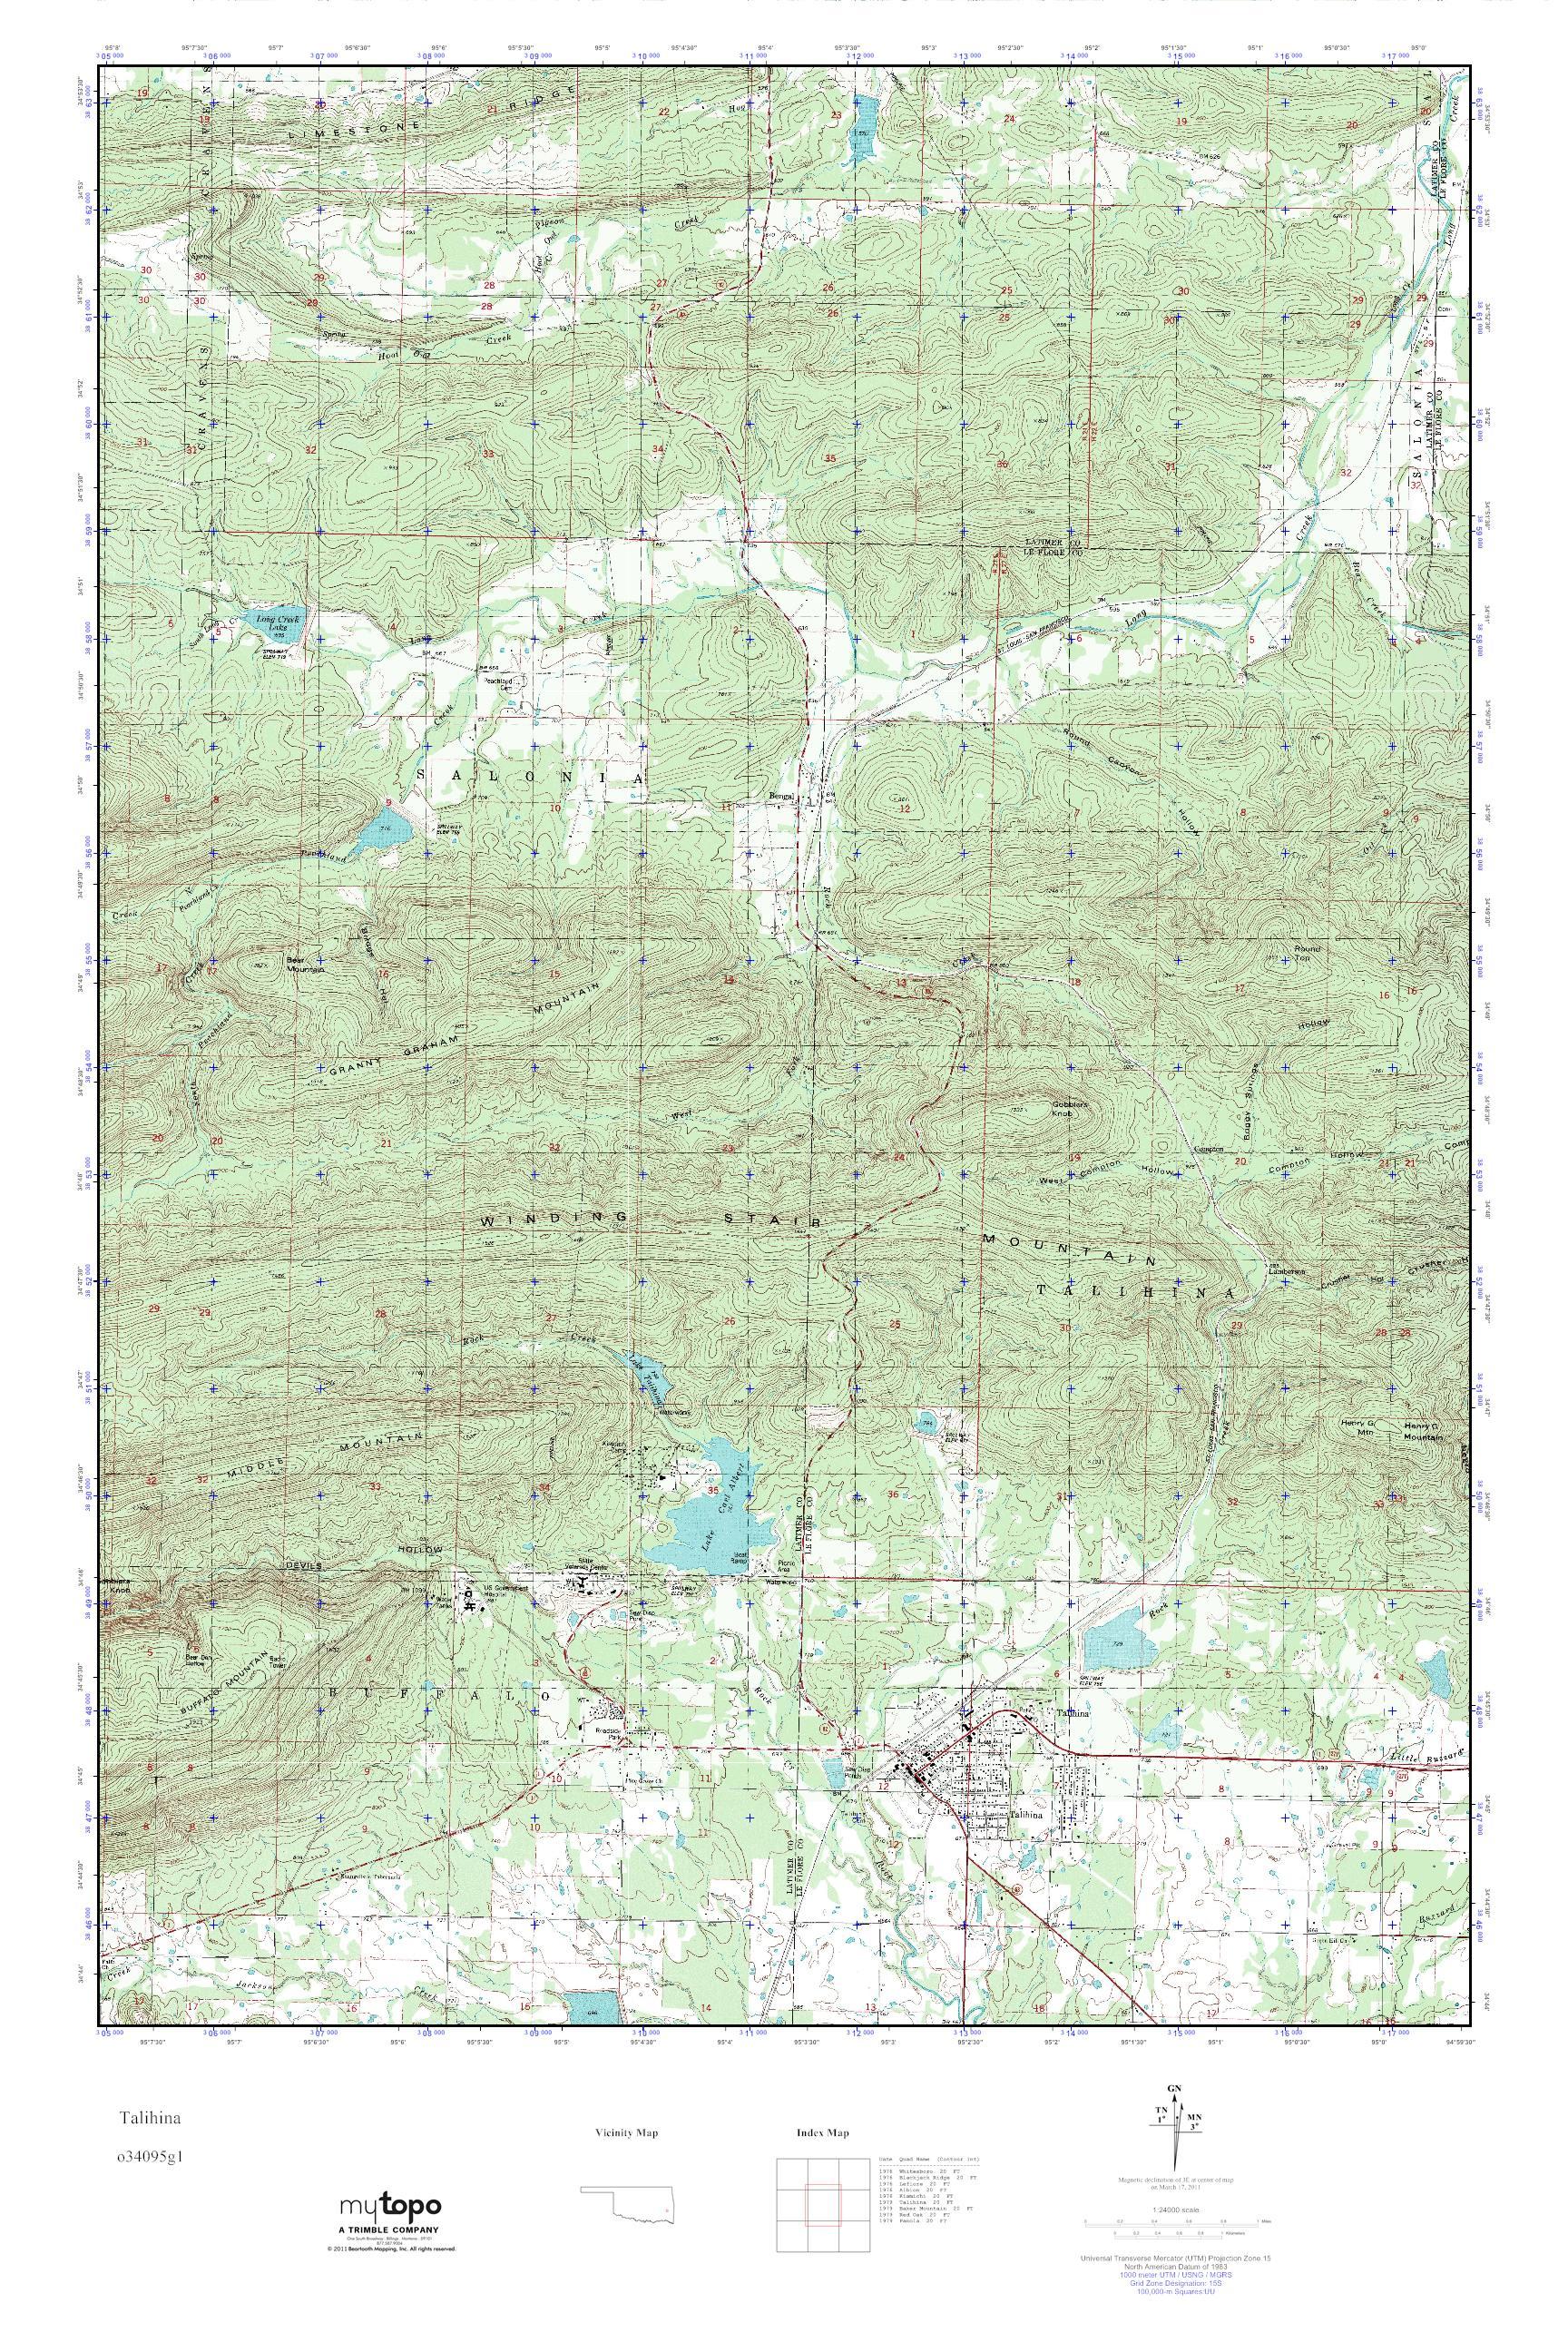 Talihina Oklahoma Map.Mytopo Talihina Oklahoma Usgs Quad Topo Map